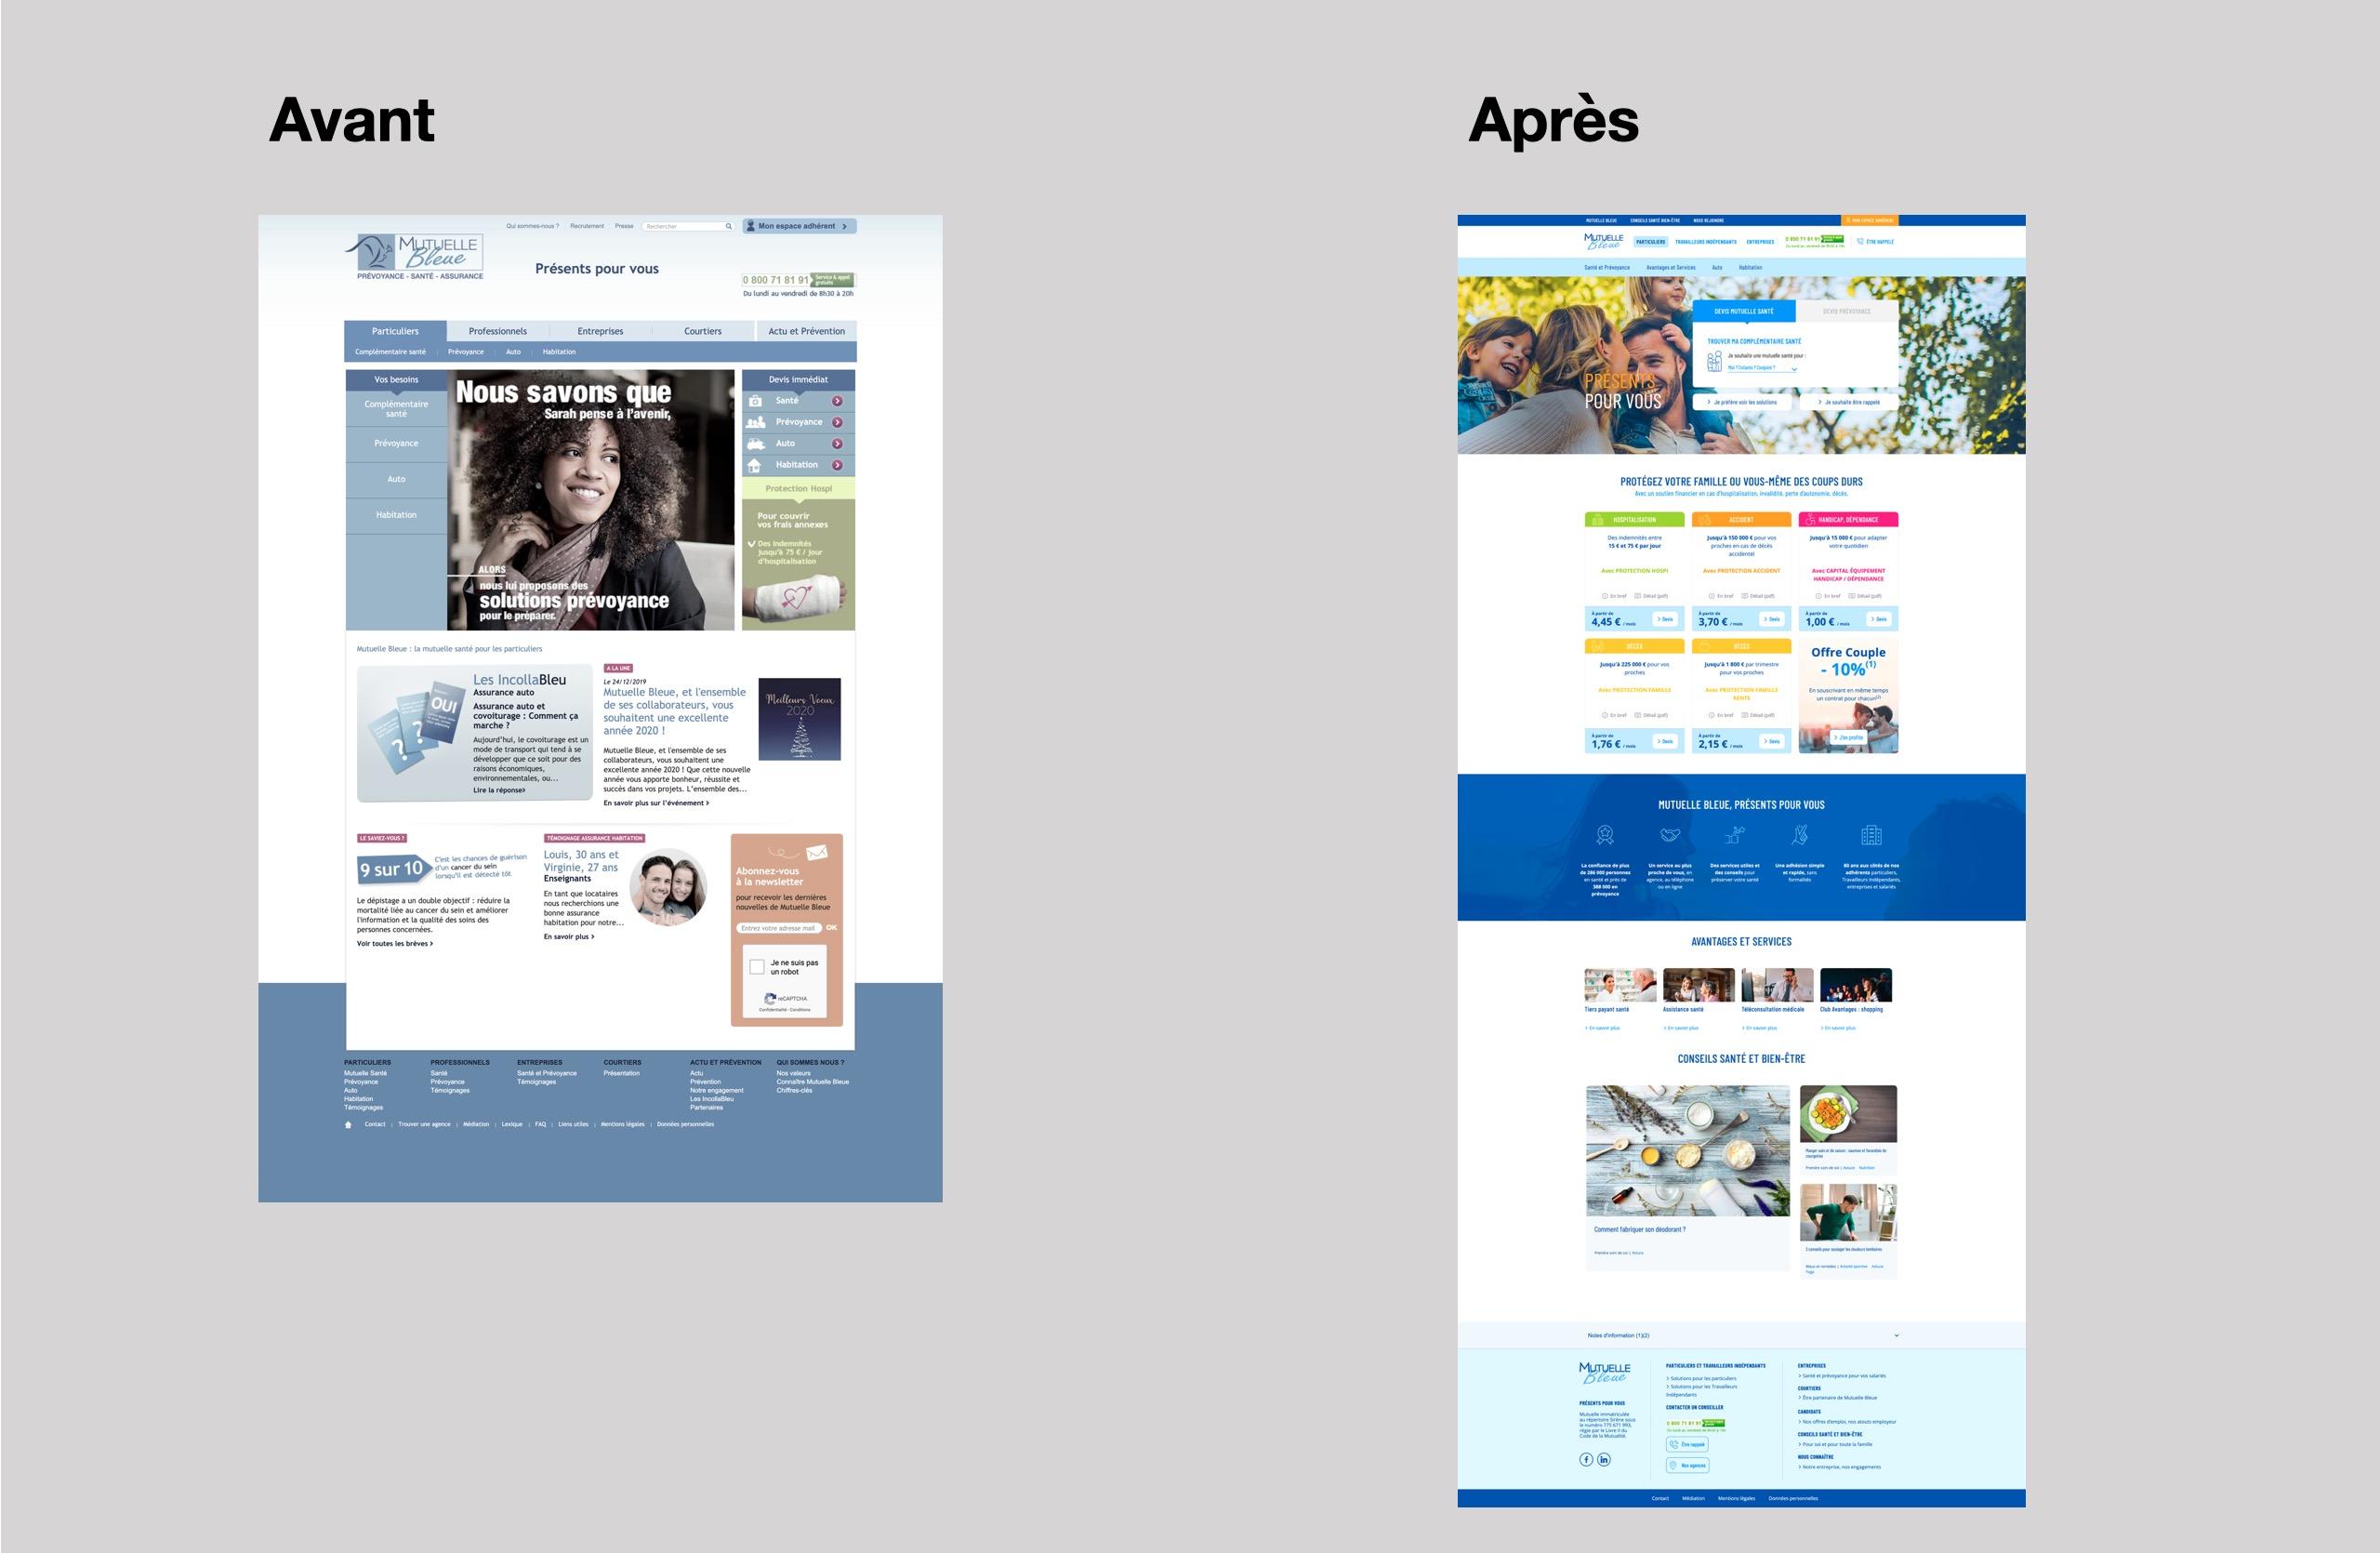 refonte site web mutuelle bleue avant apres